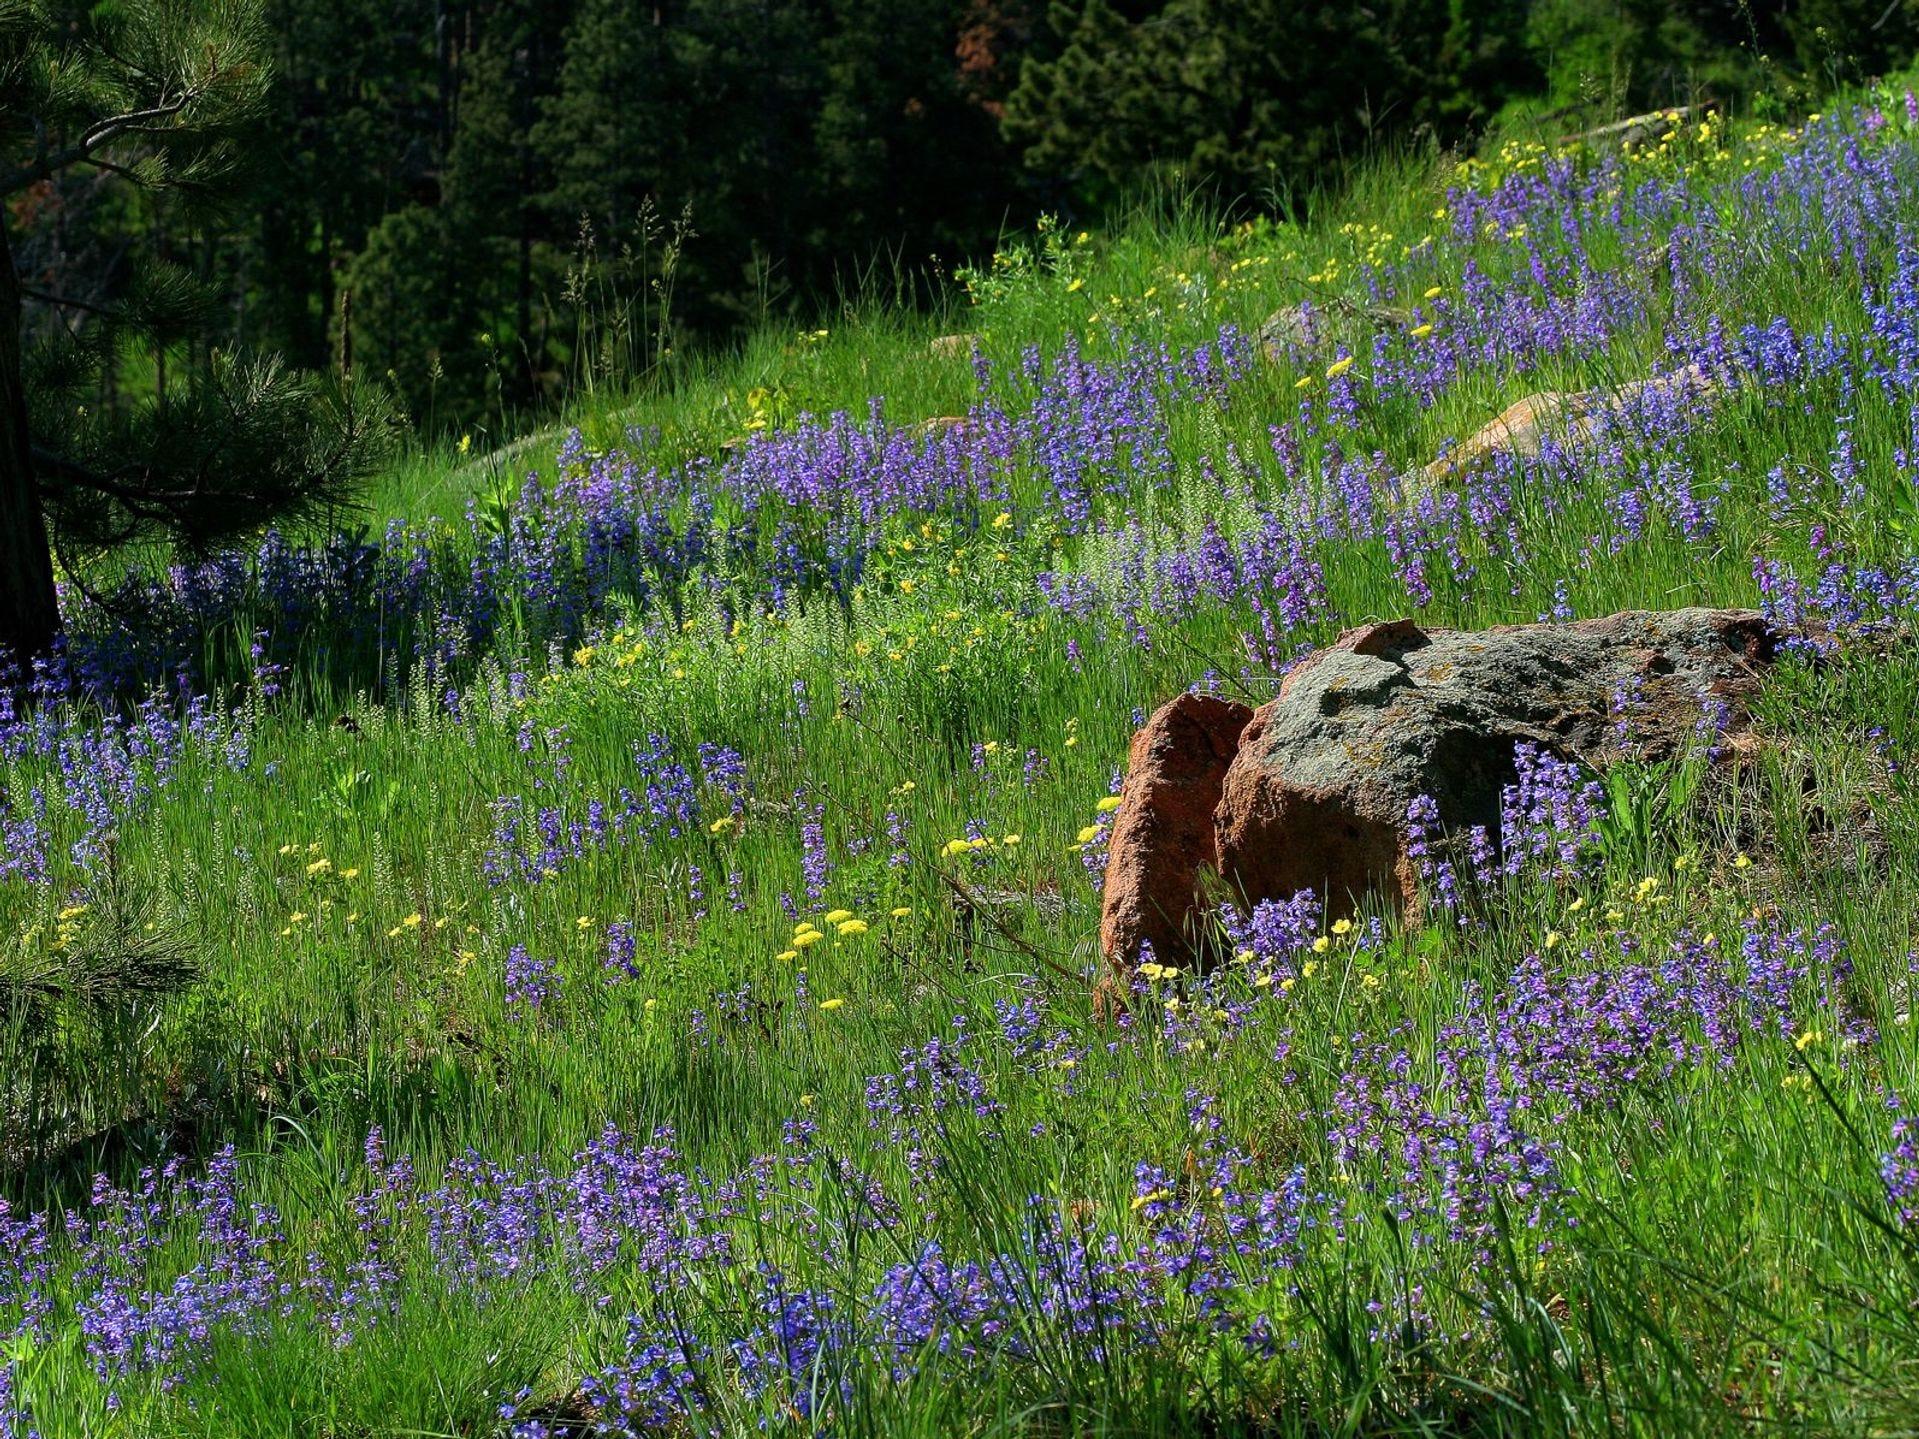 Los prados de flores silvestres son una vista común en el Borde Norte.